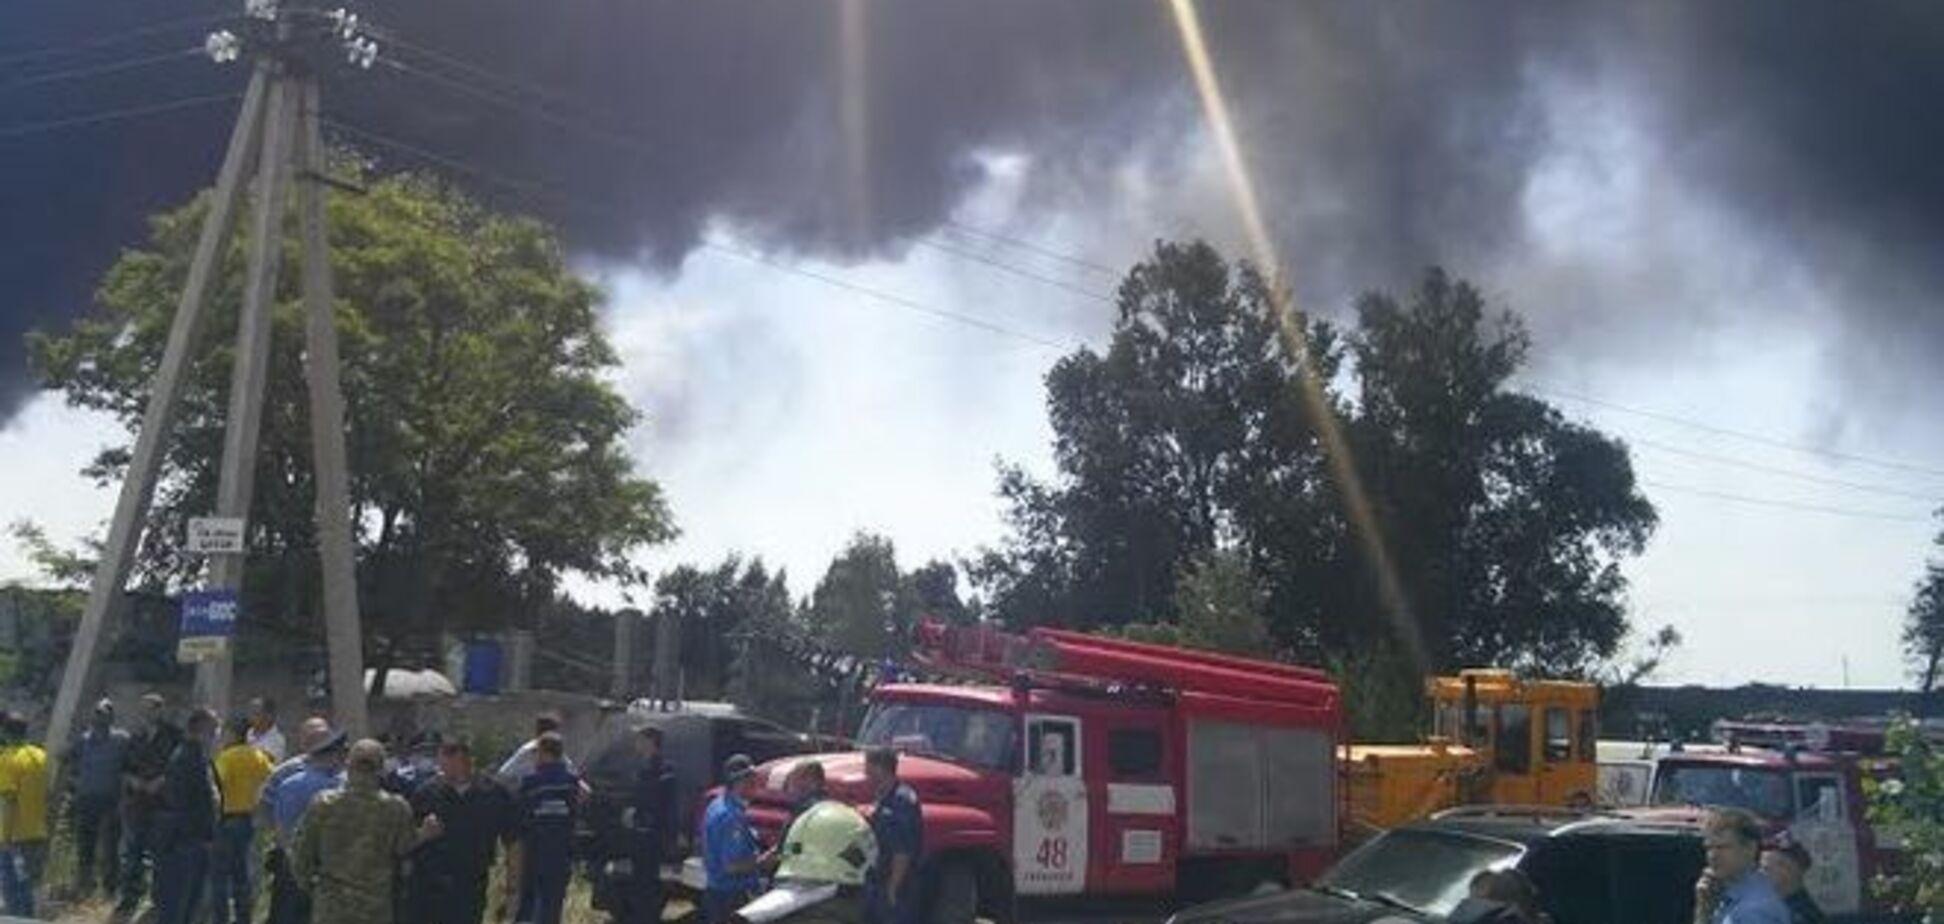 Турчинов заявил о локализации пожара на нефтебазе в Василькове